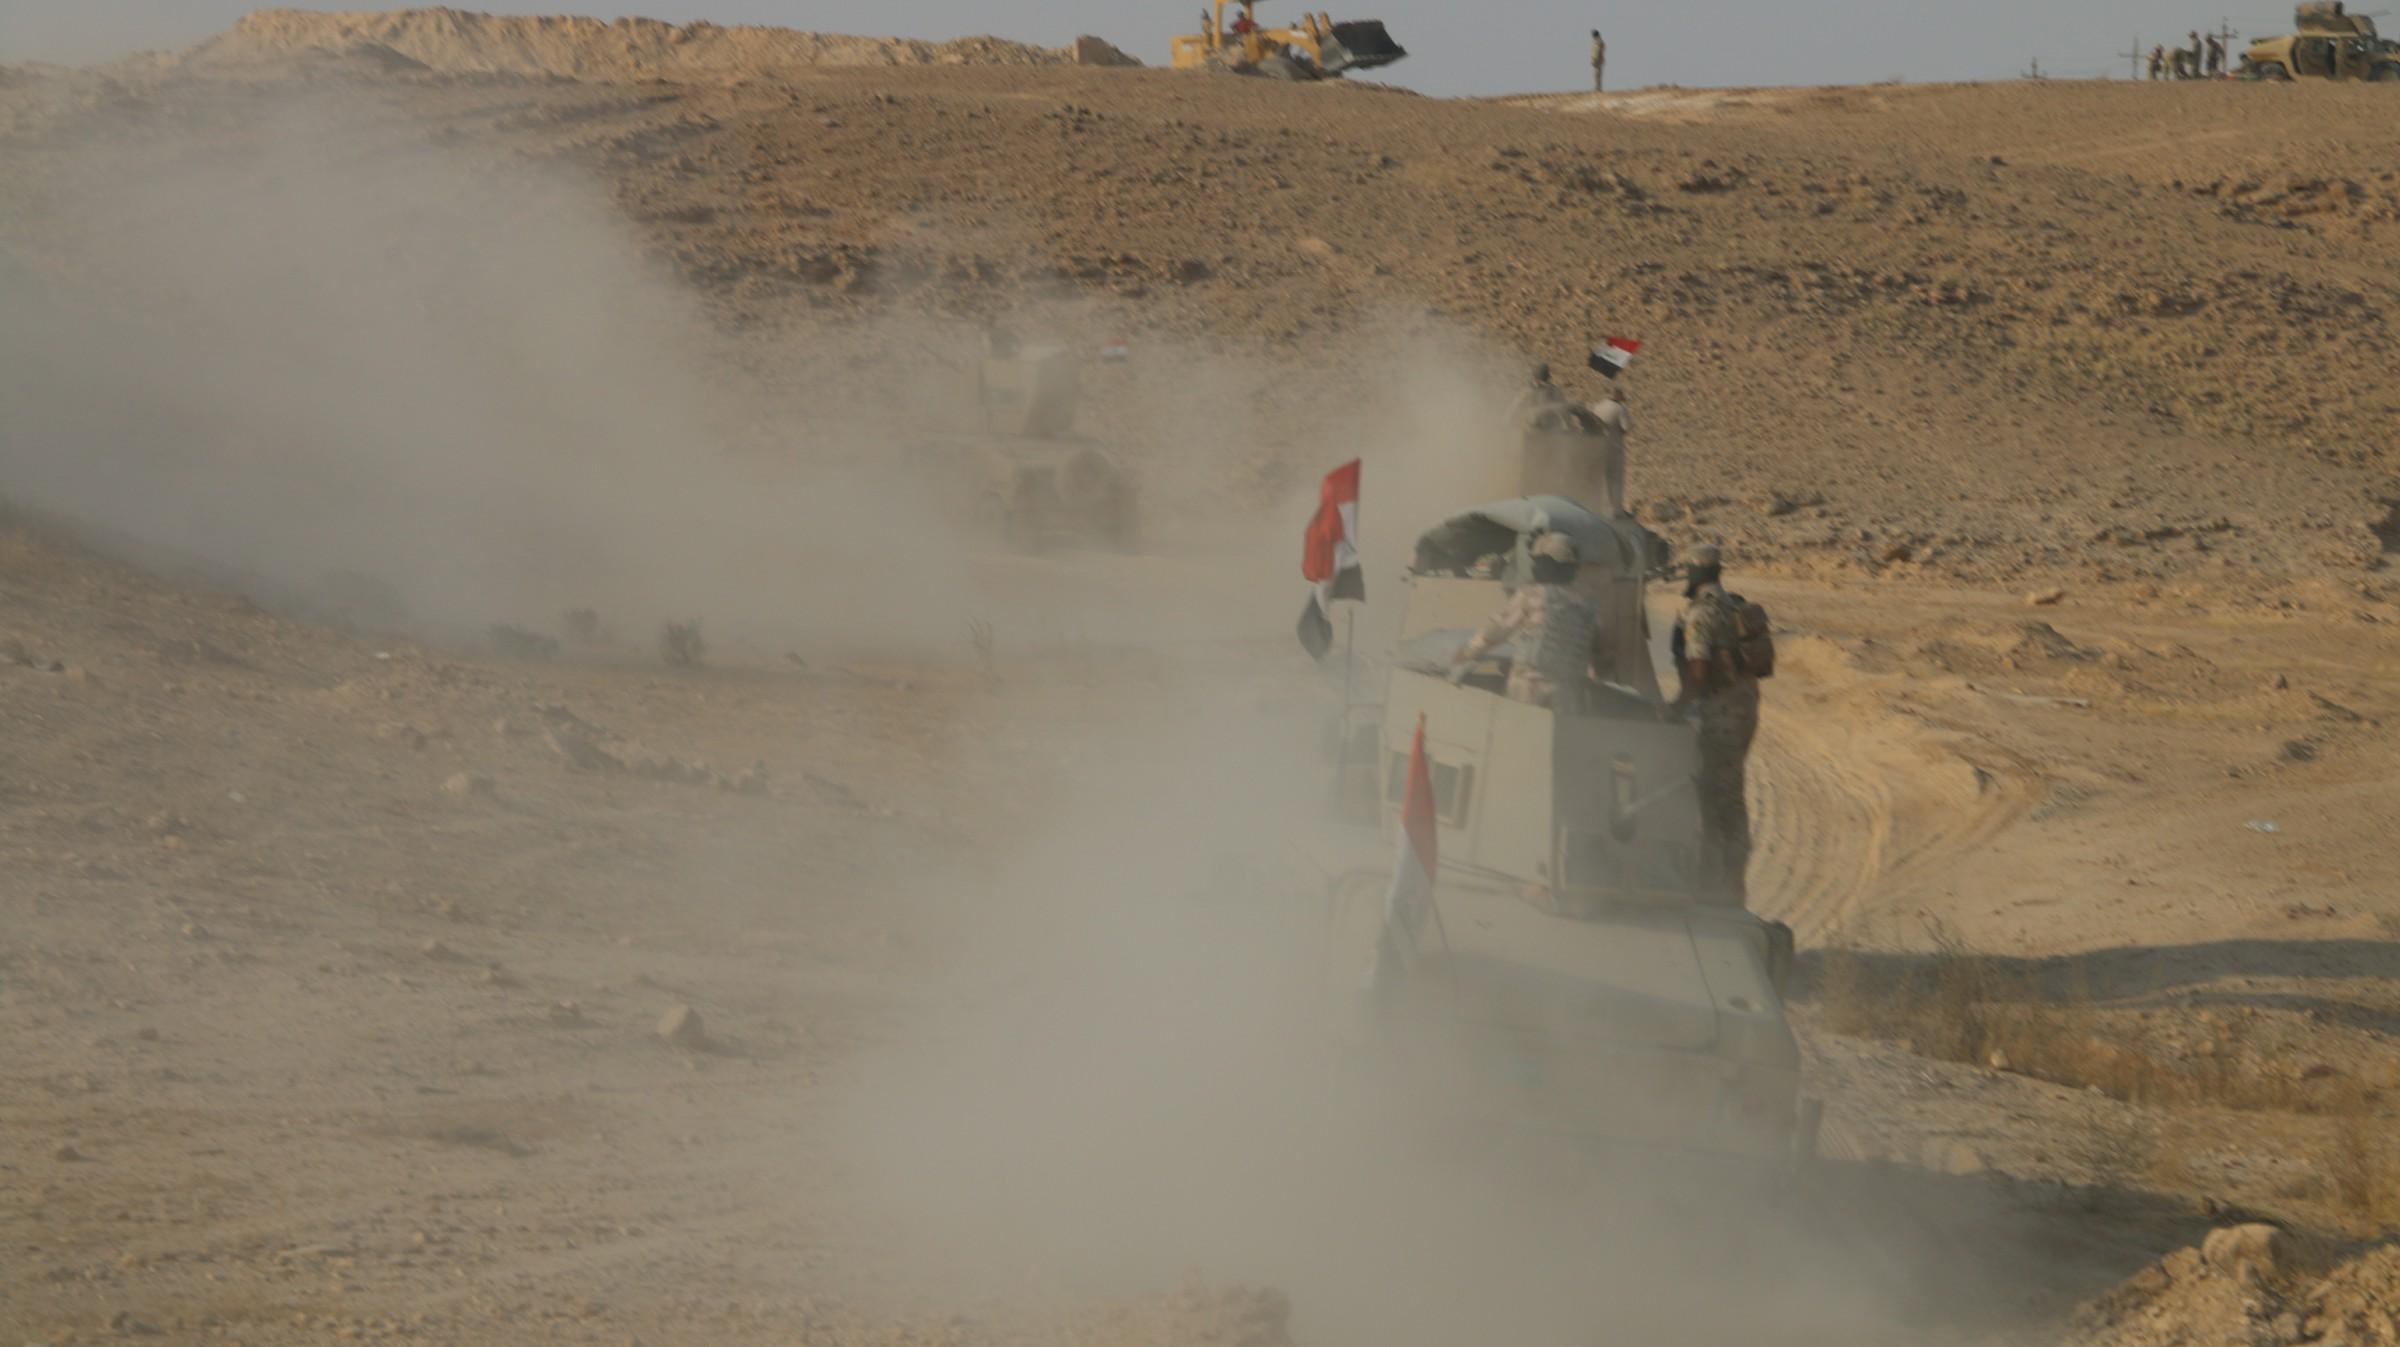 اللواء الركن قاسم المحمدي يعلن وضع اللمسات الأخيرة لتحرير راوه والقائم